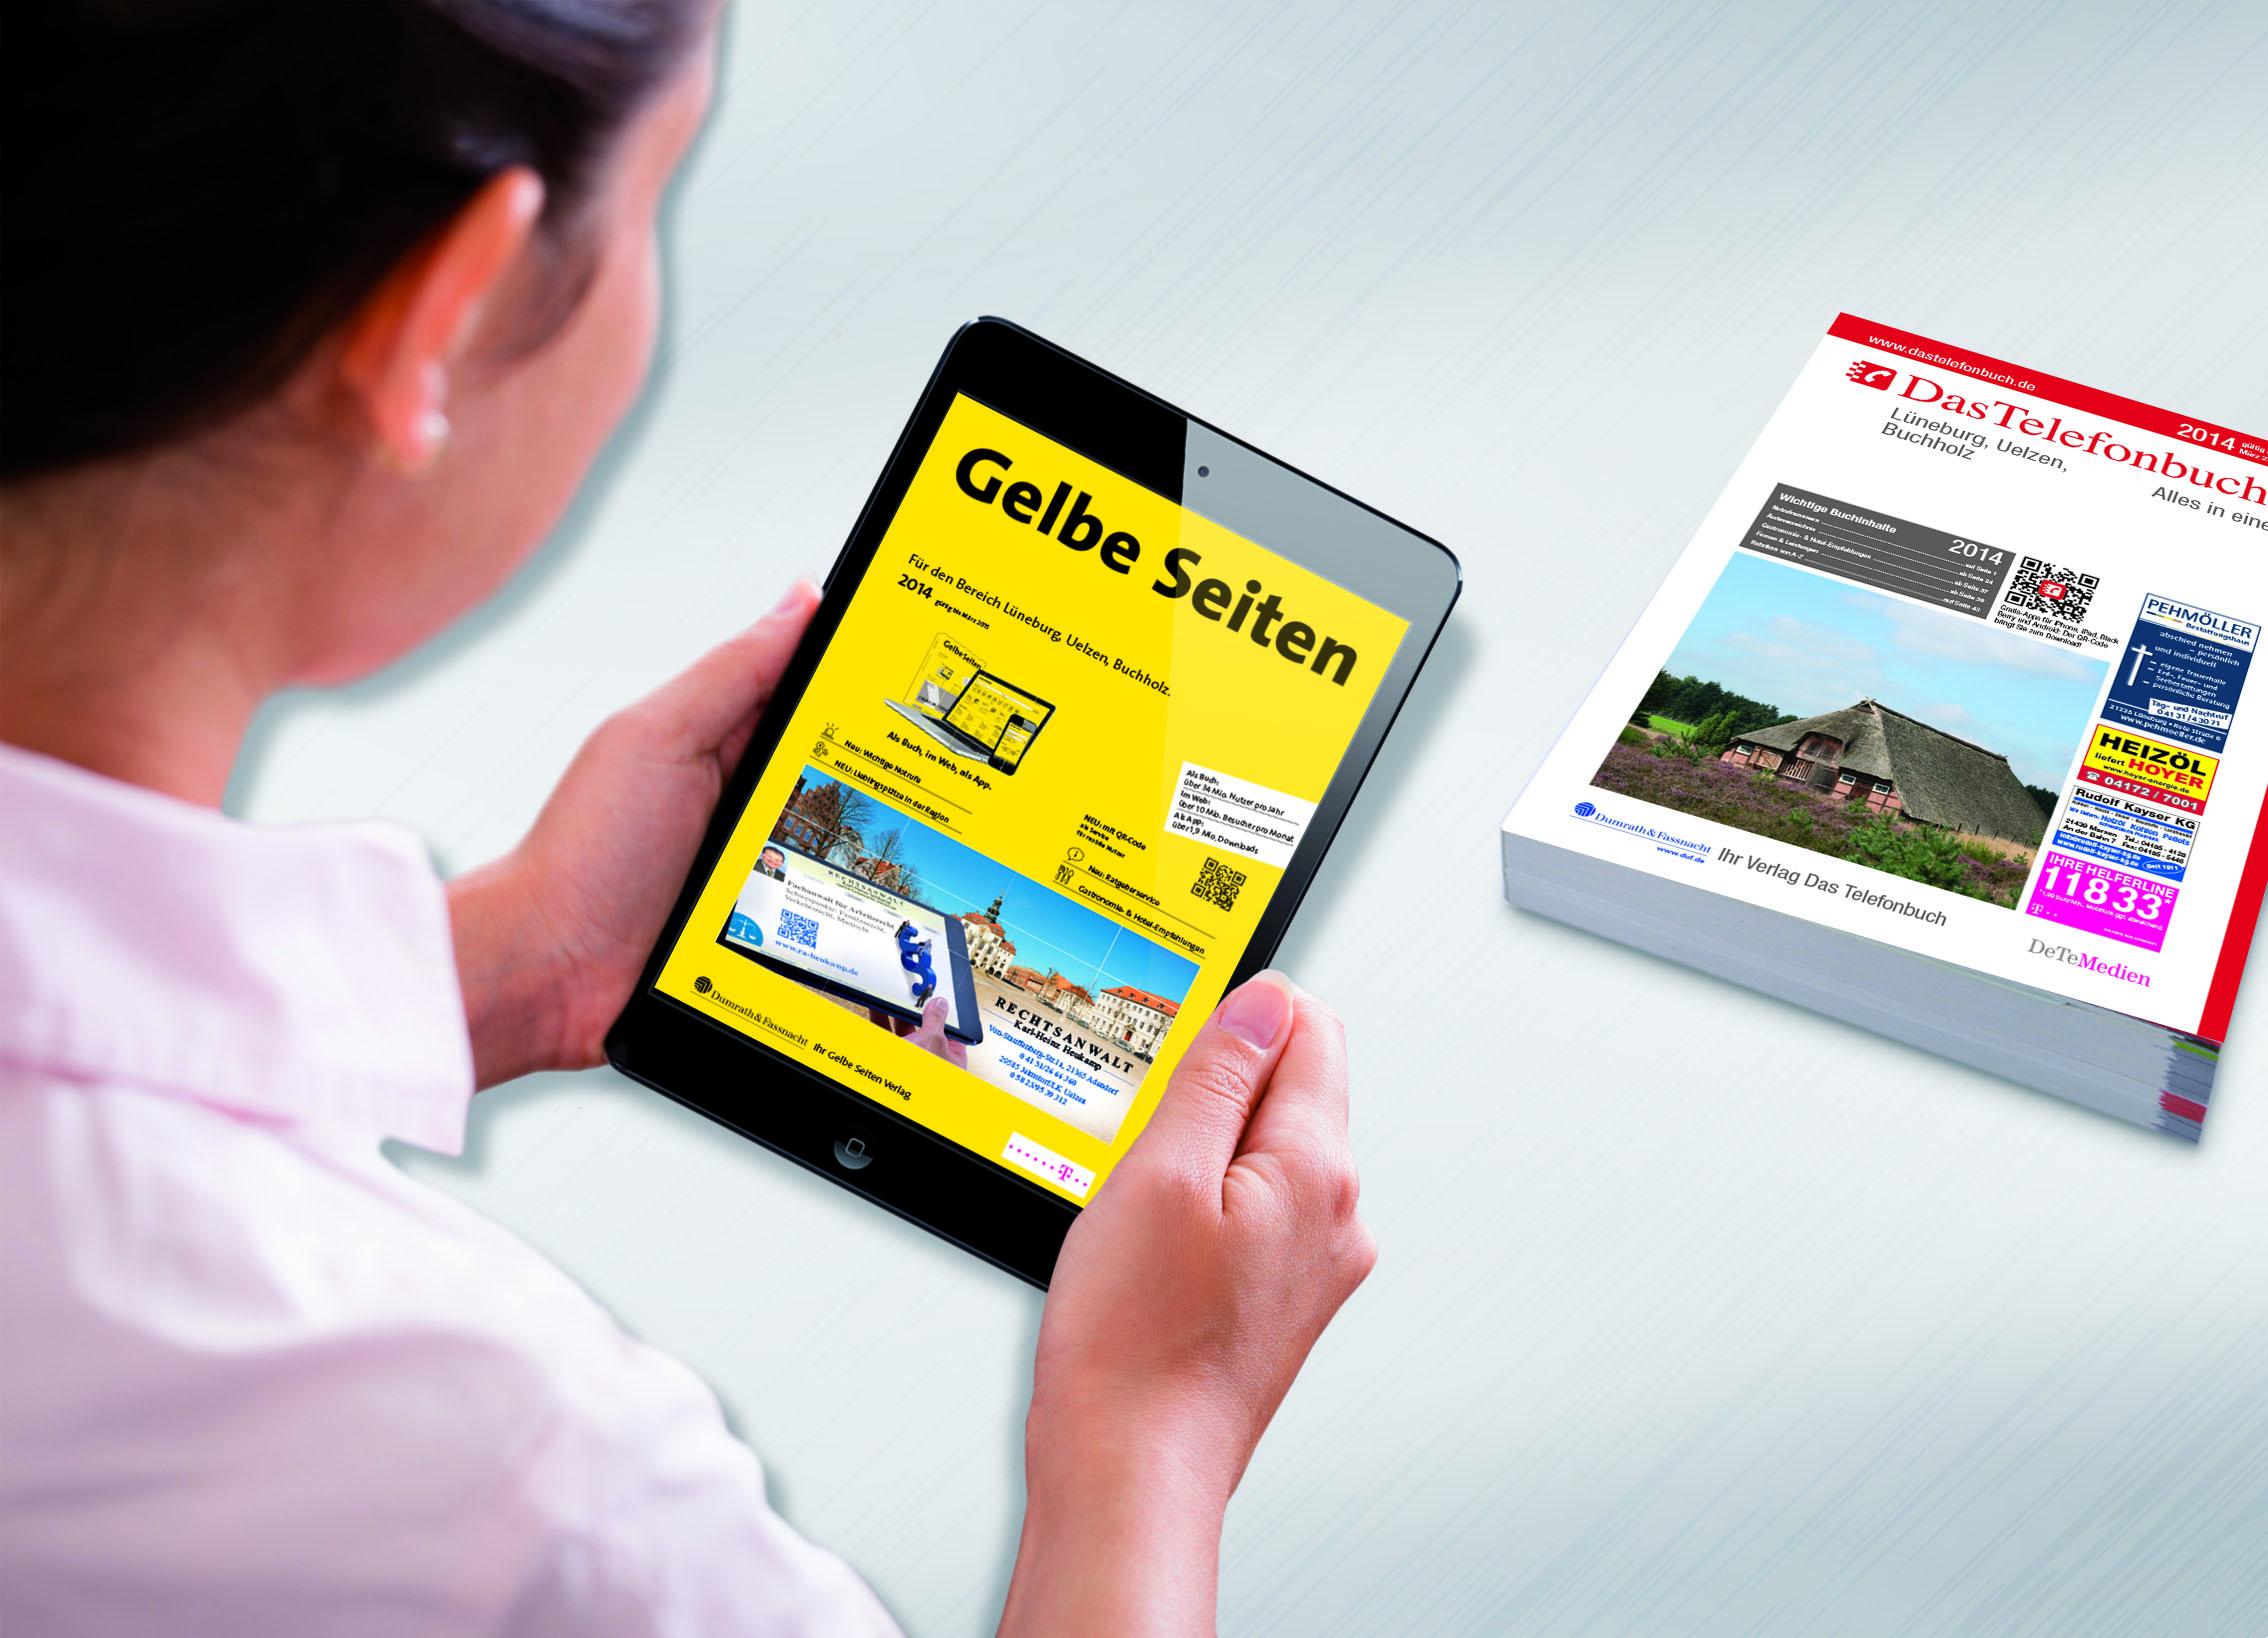 Neu für Lüneburg, Uelzen und Buchholz: Gelbe Seiten und Das Telefonbuch